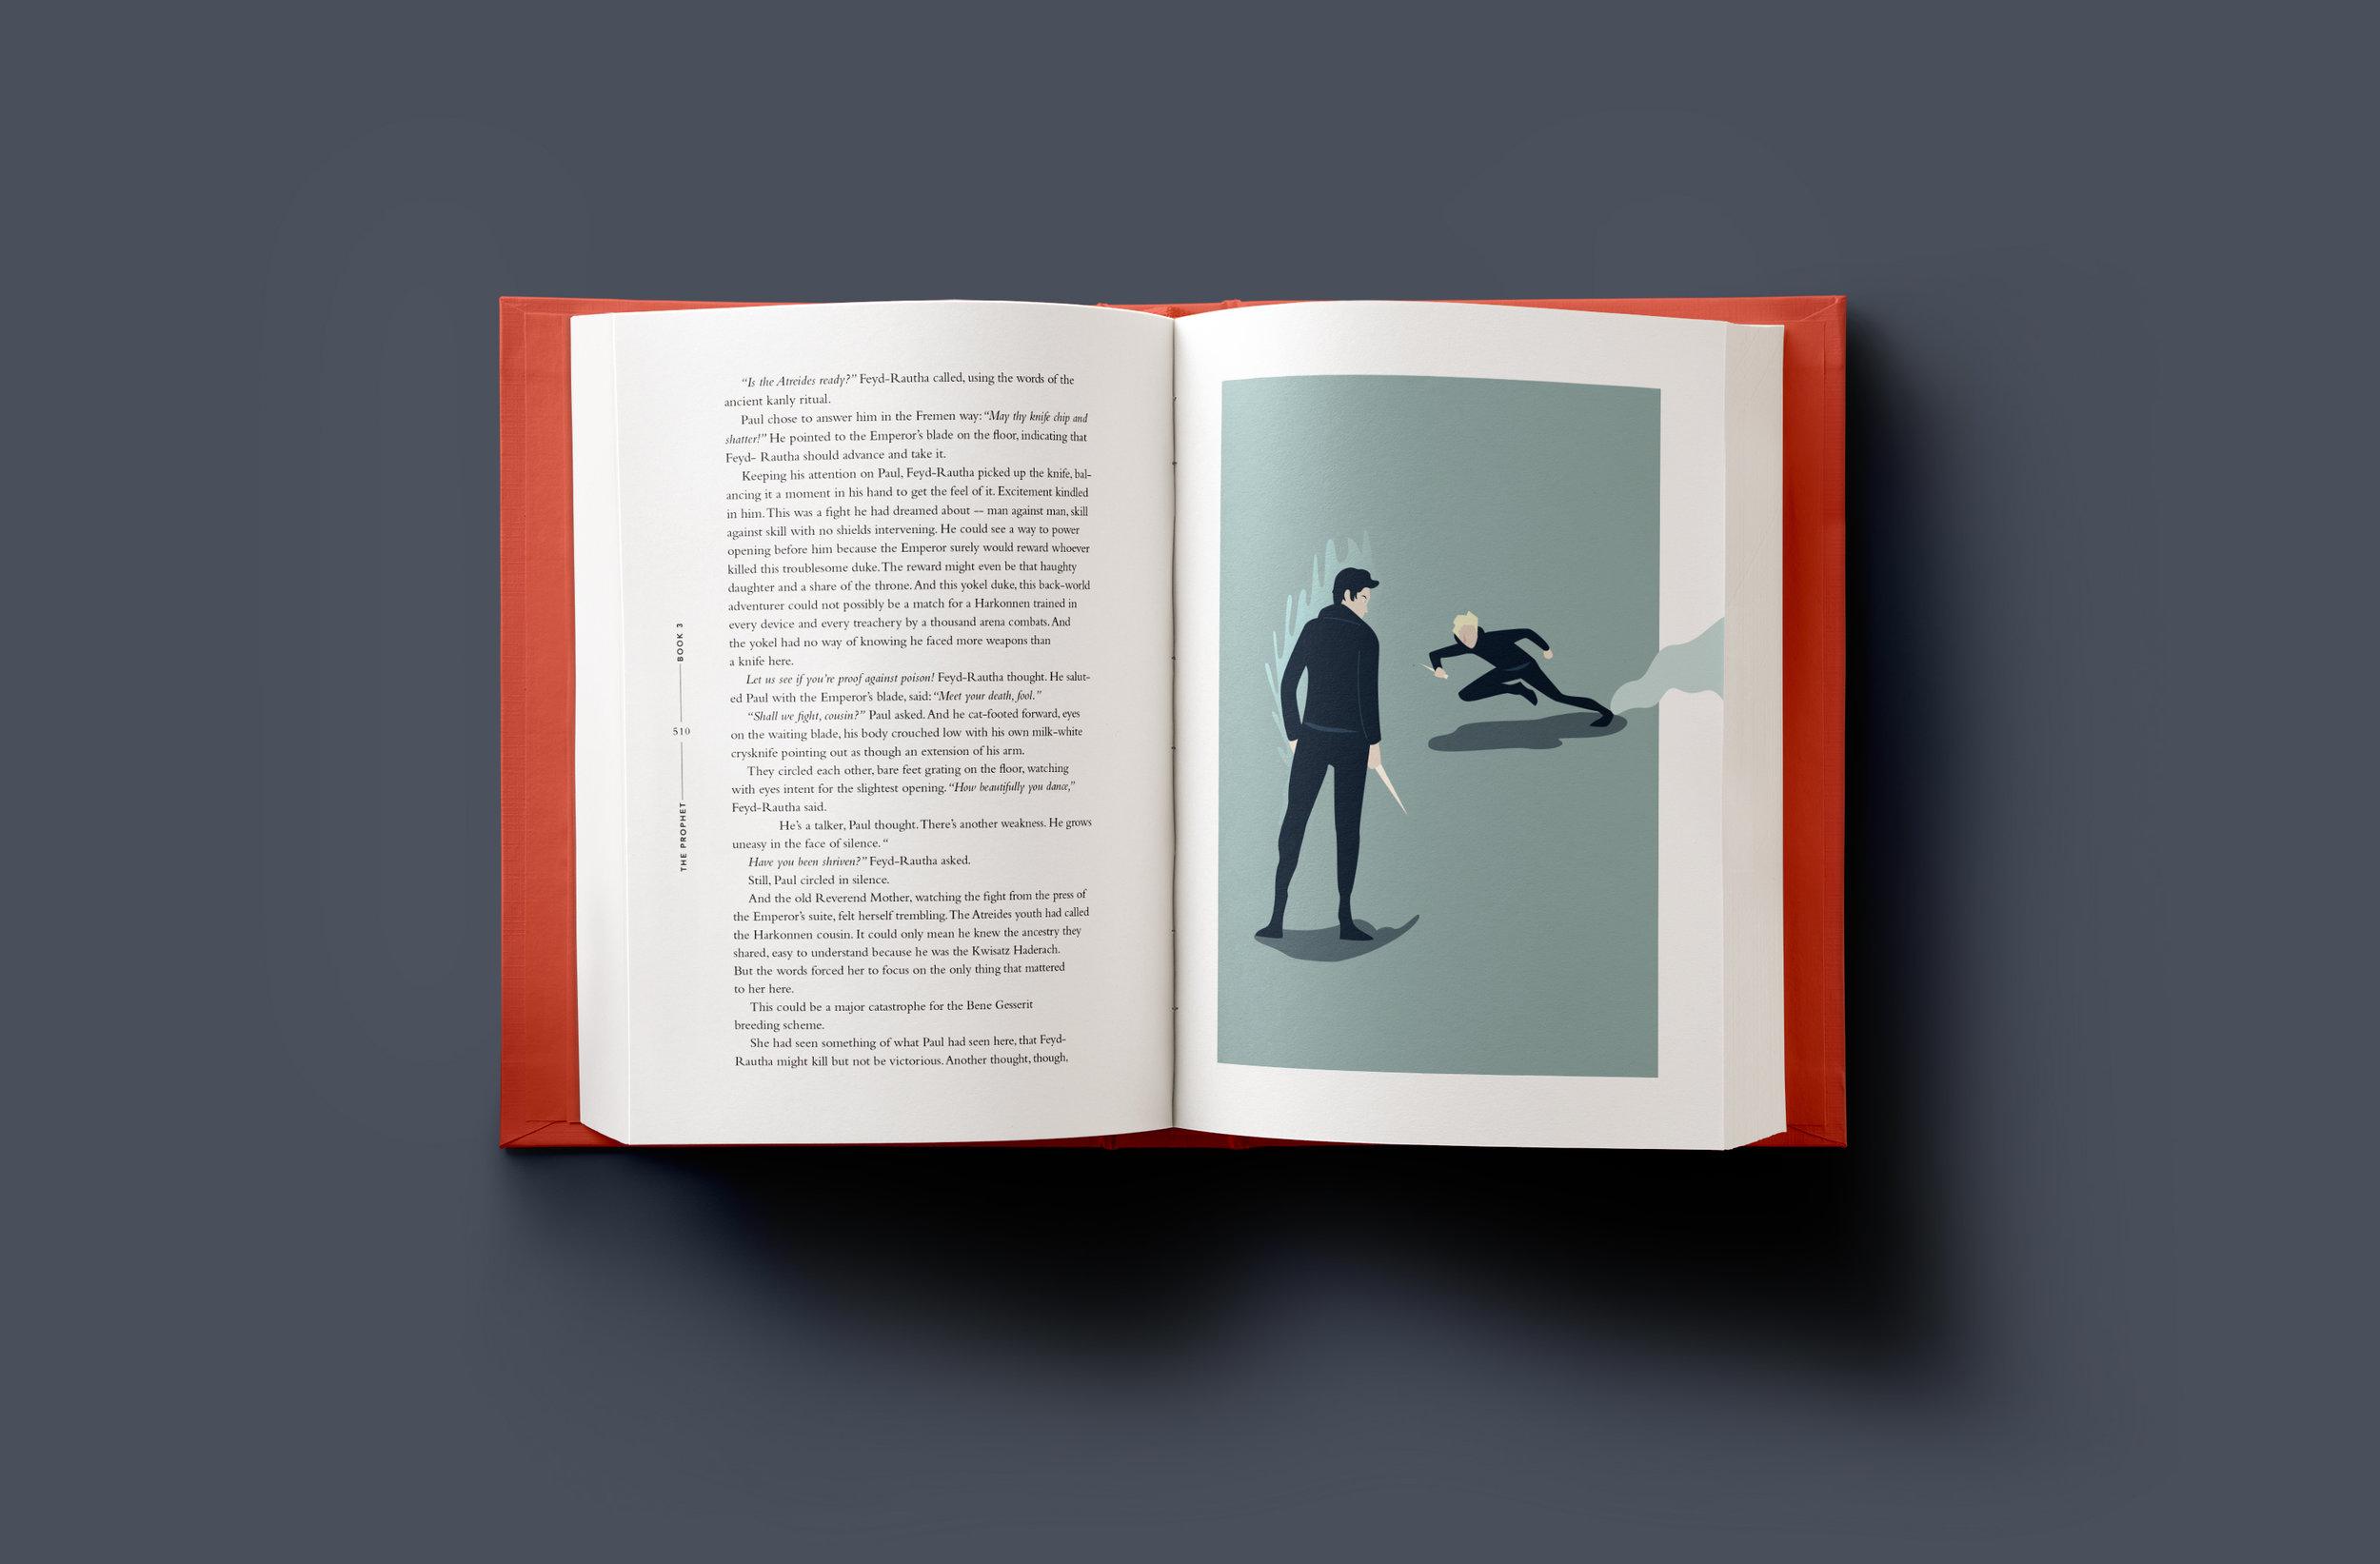 Dune_inner_pages_3_illustration.jpg